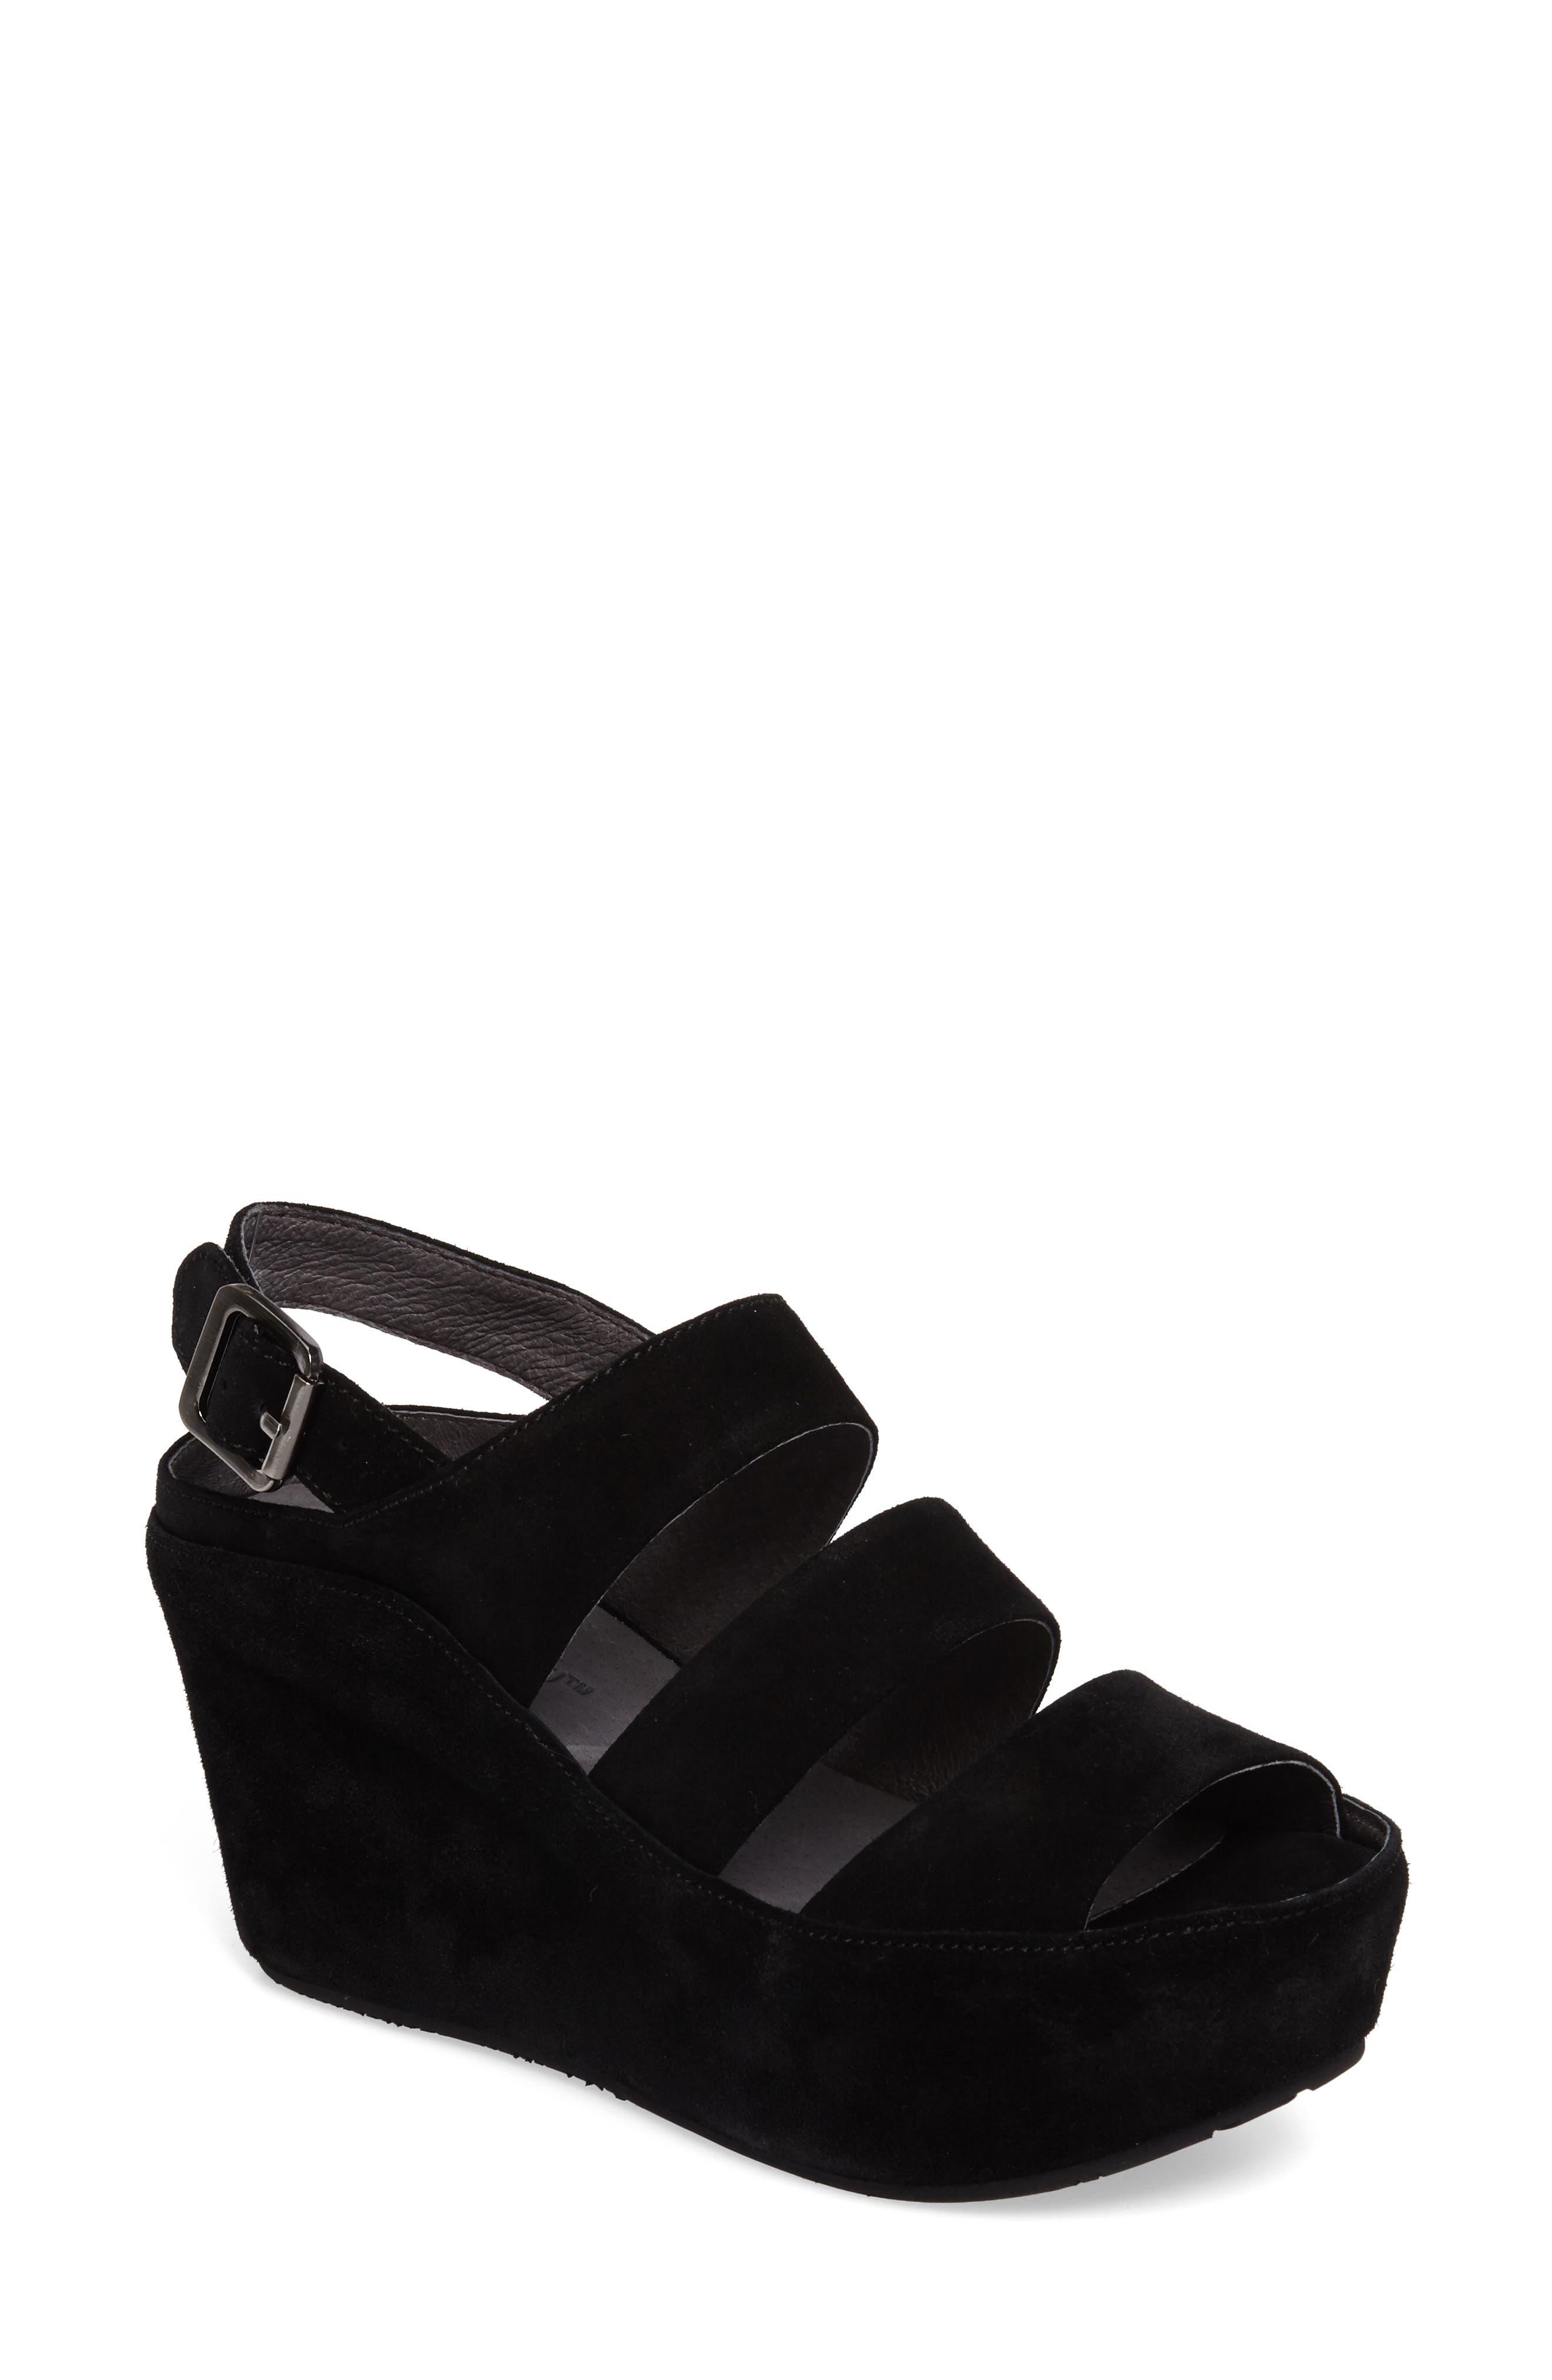 Main Image - Chocolat Blu Windsor Platform Wedge Sandal (Women)